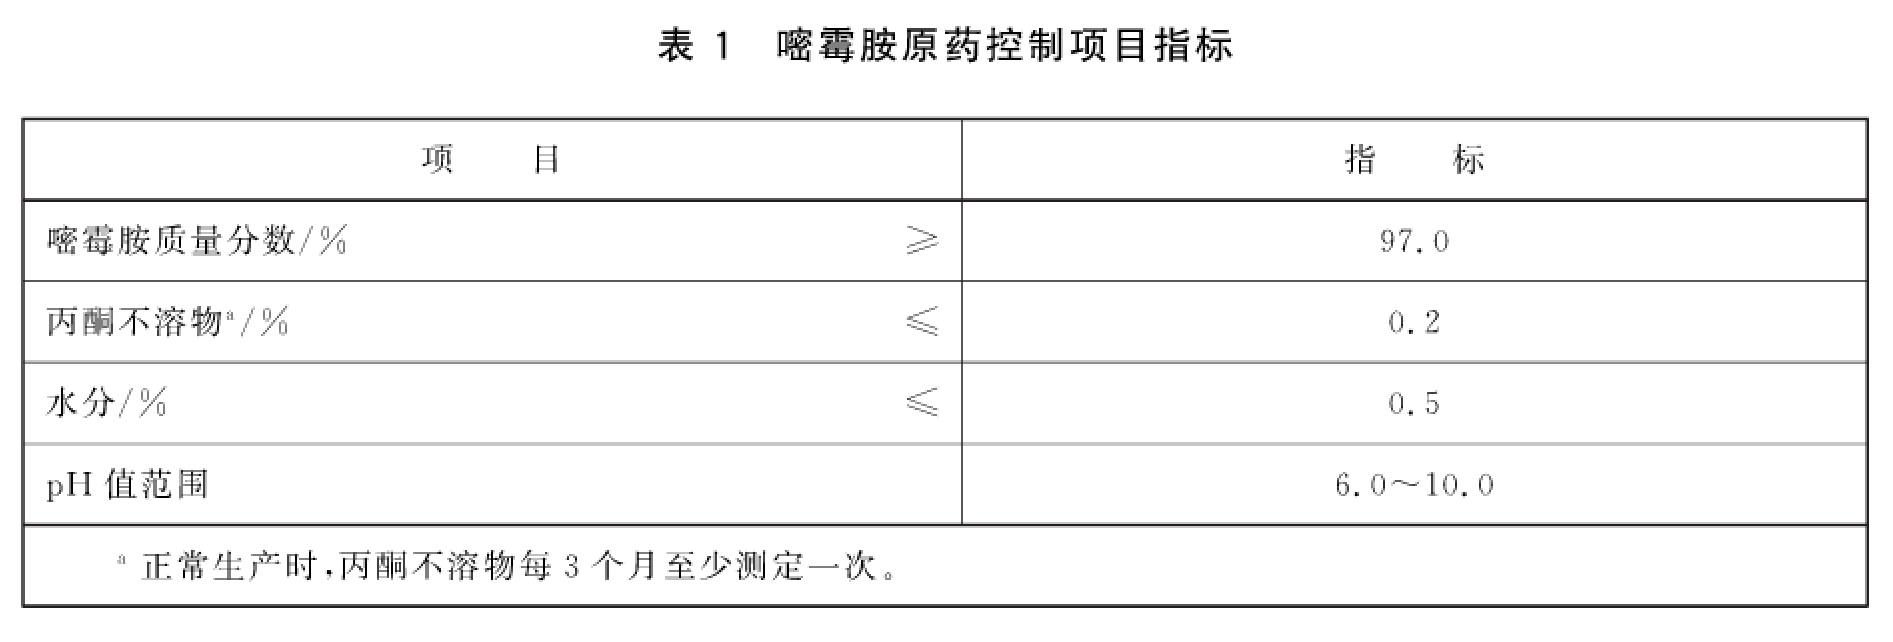 GB 29385-2012 嘧霉胺原药水分检测